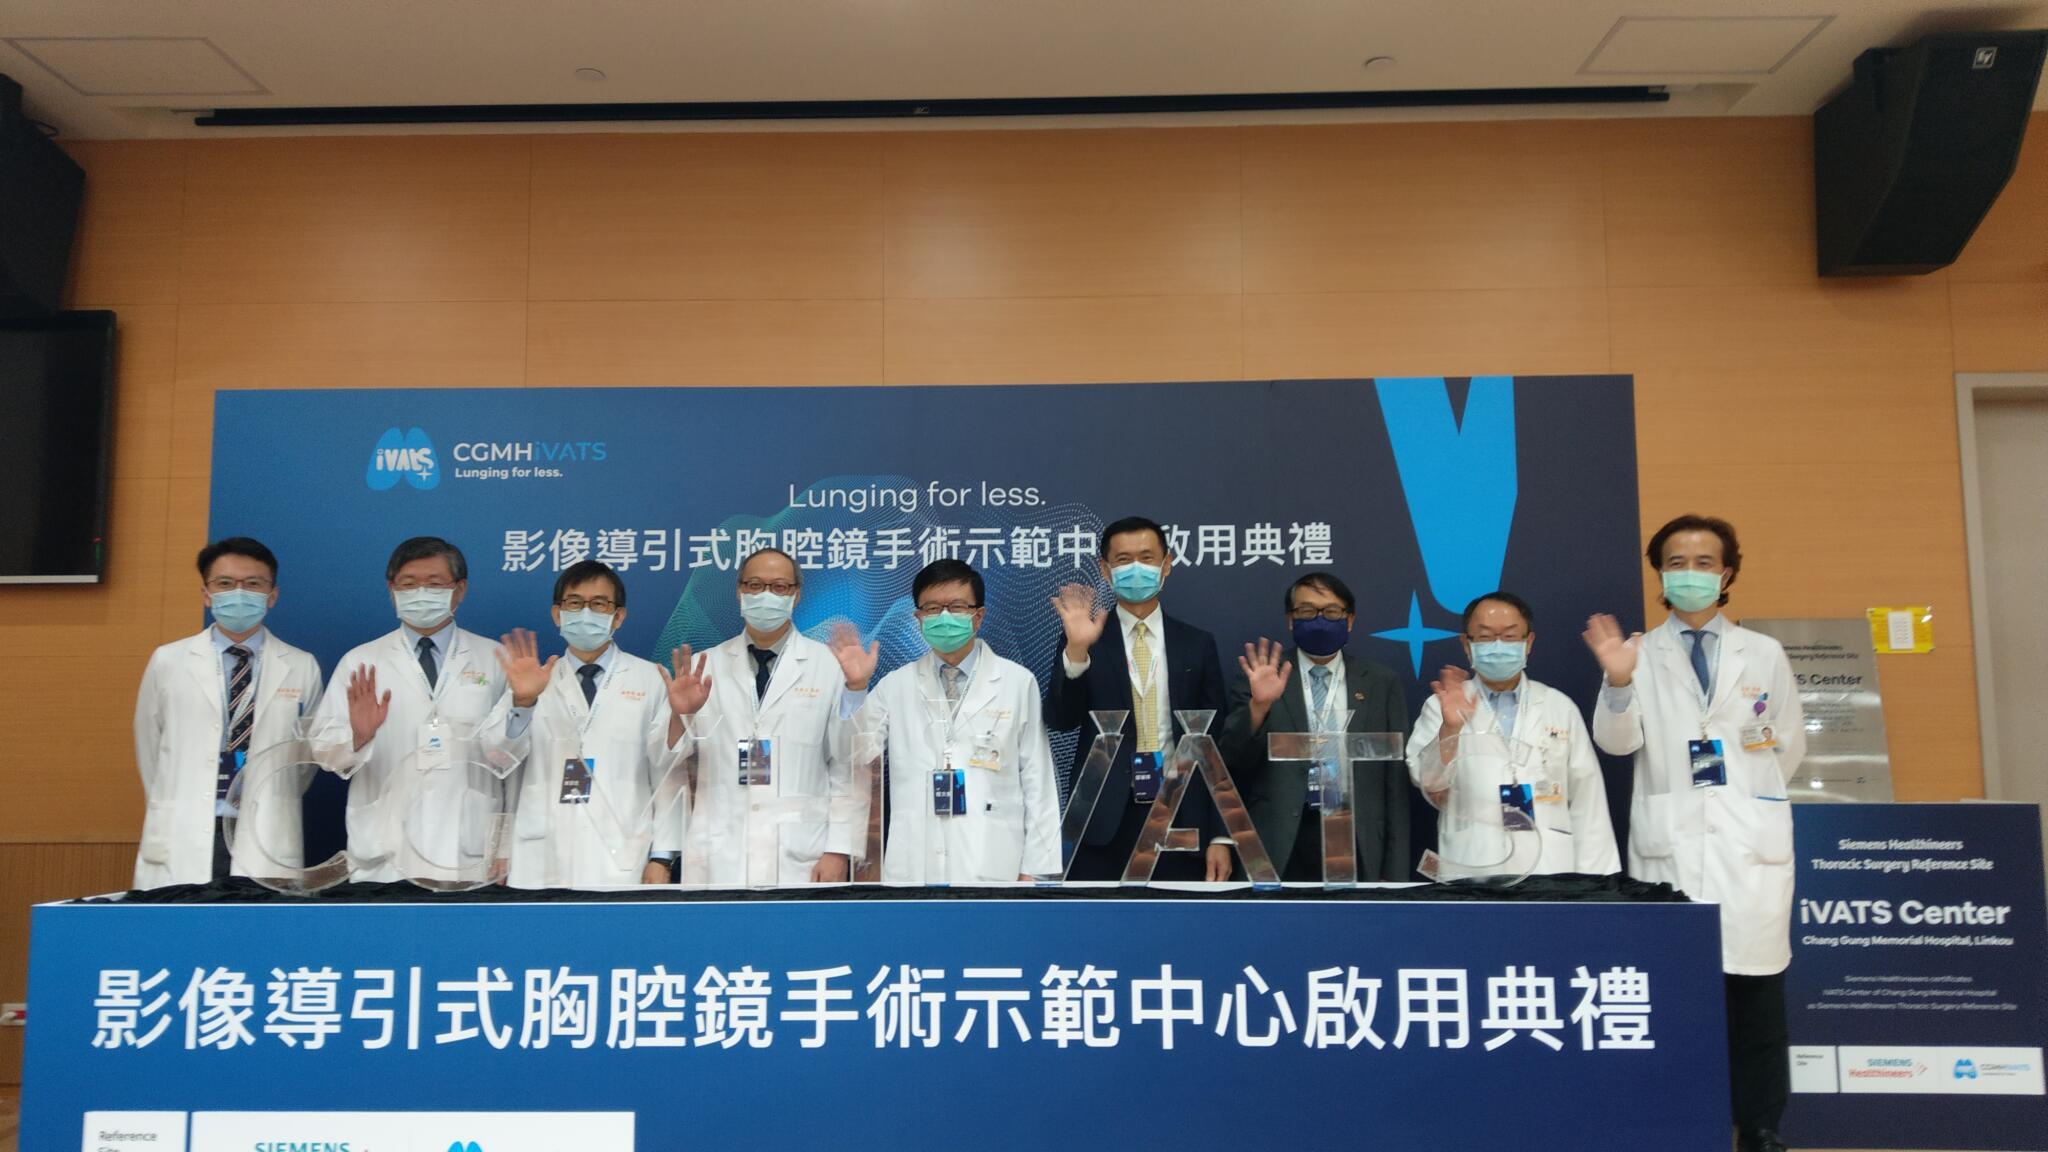 肺癌治療訓練基地!林口長庚影像導引式胸腔鏡手術示範中心開幕